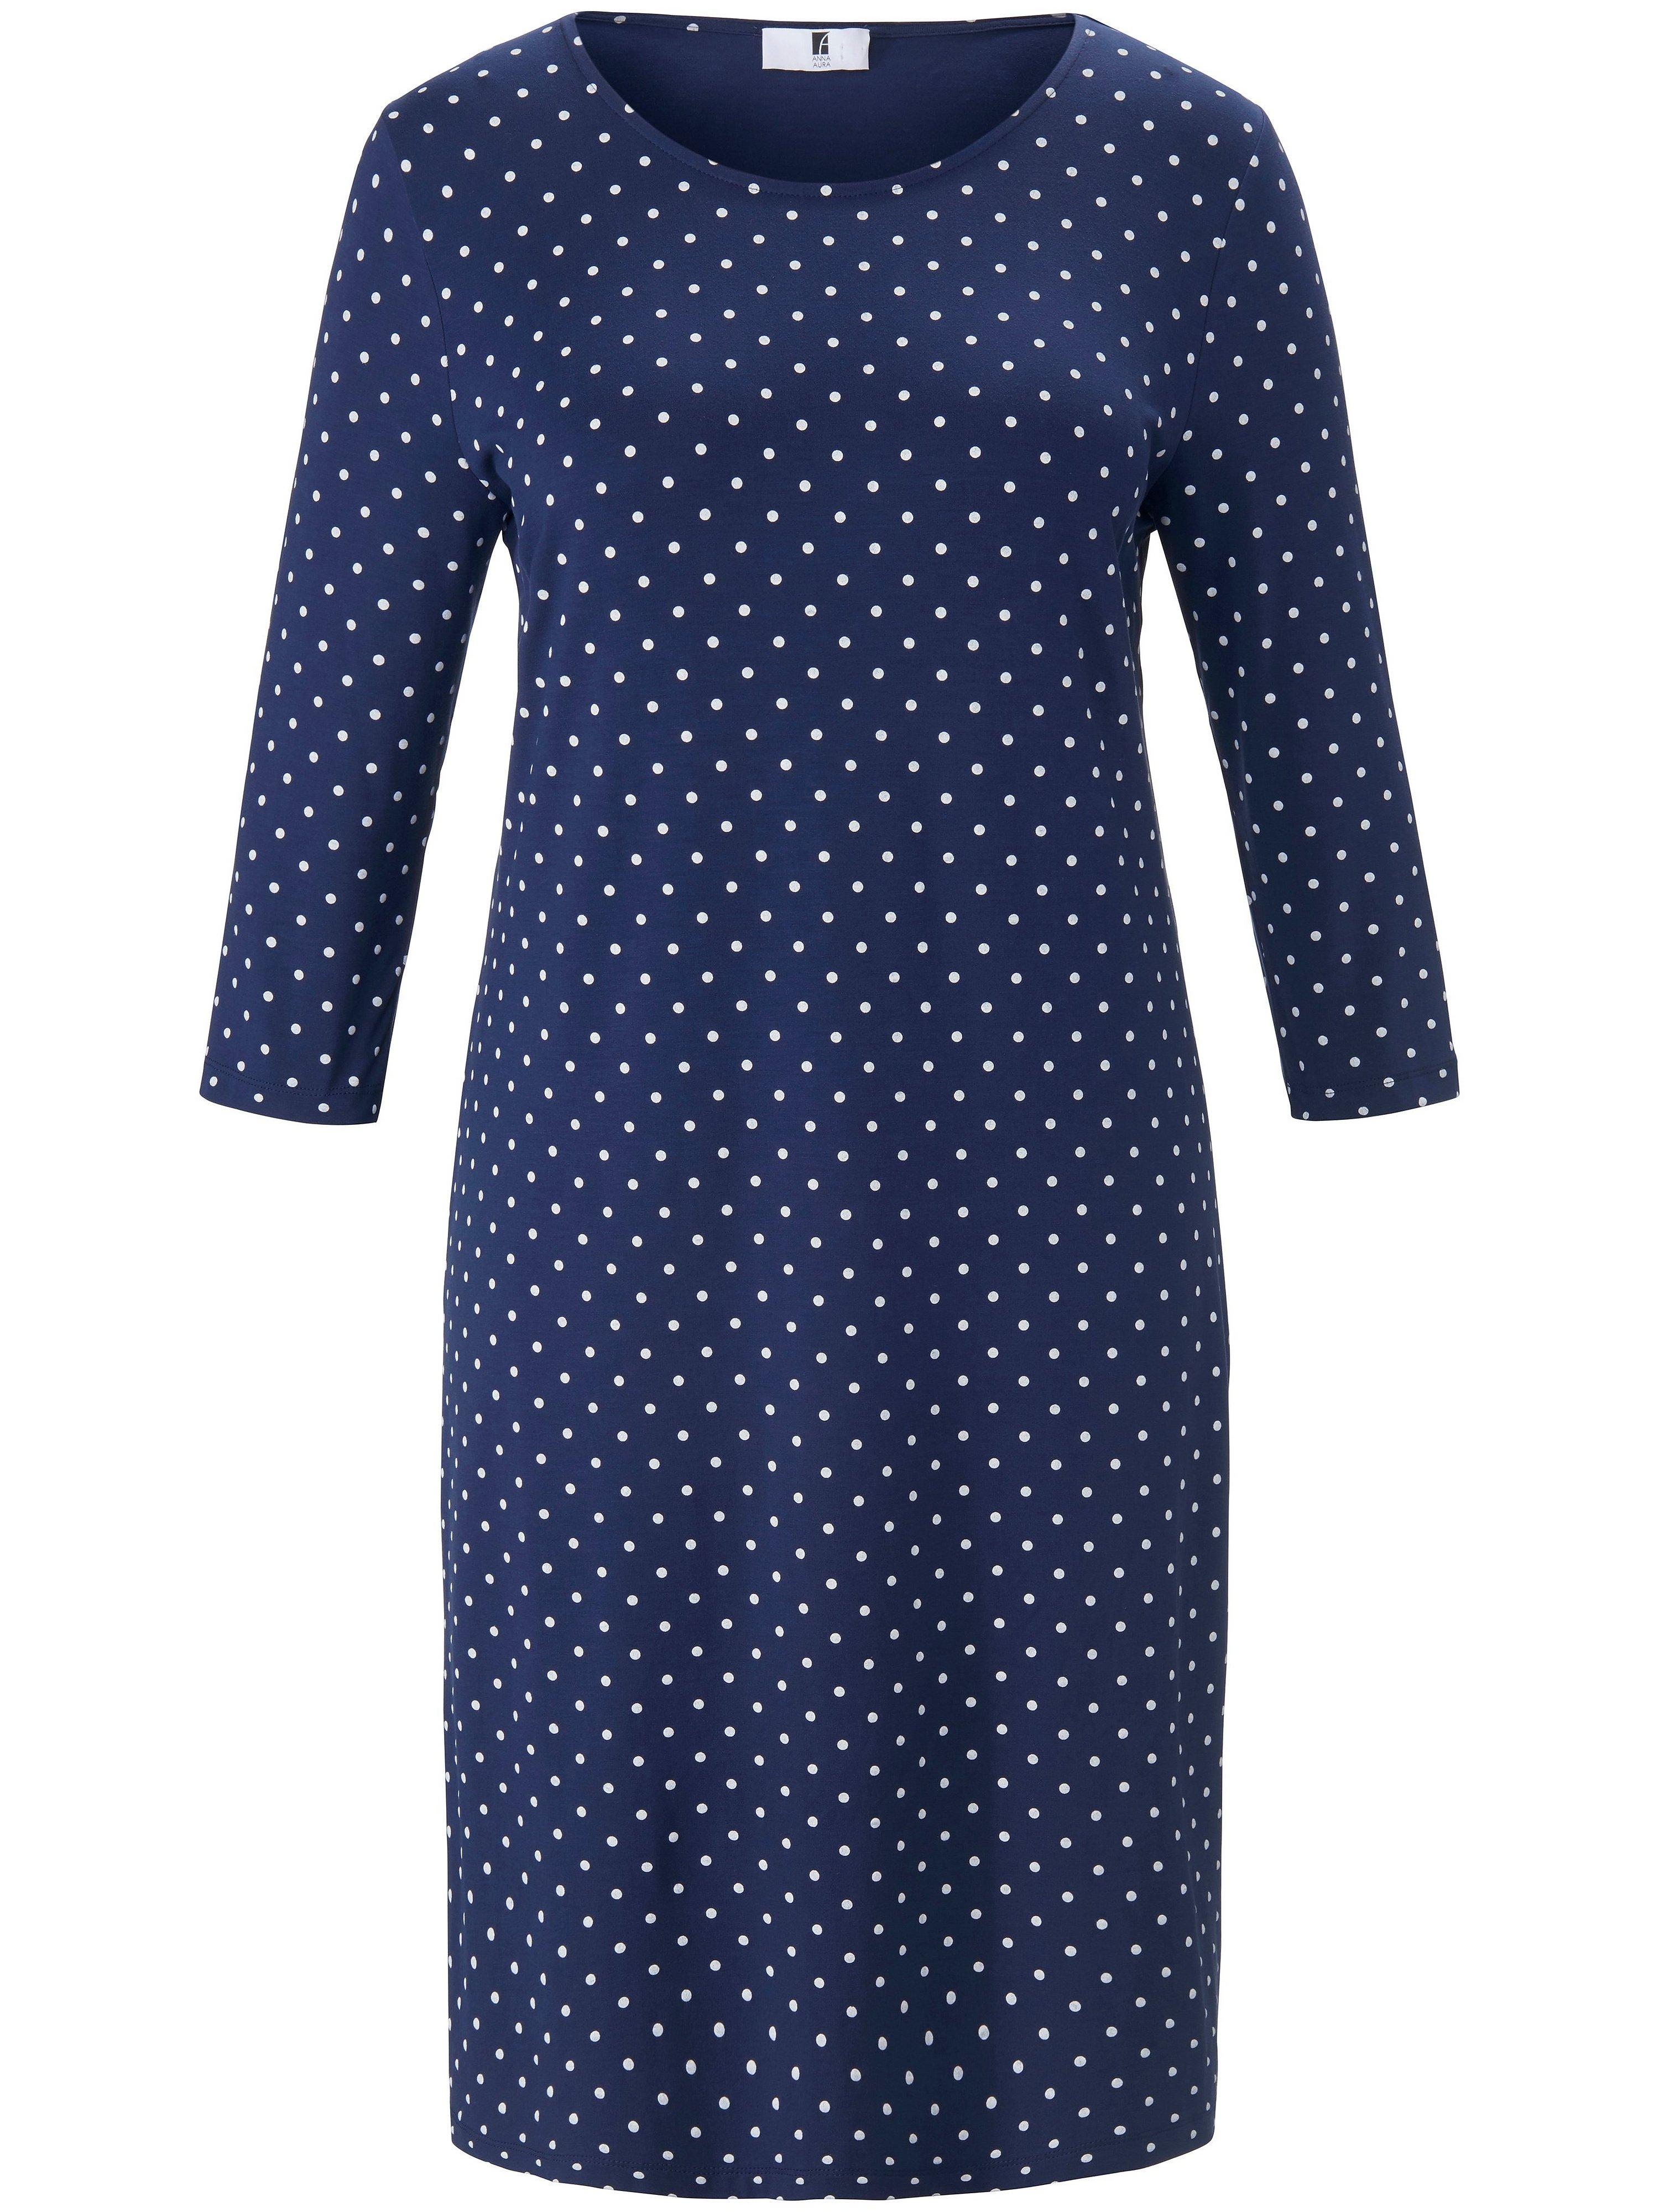 Jersey dress polka dot print Anna Aura blue